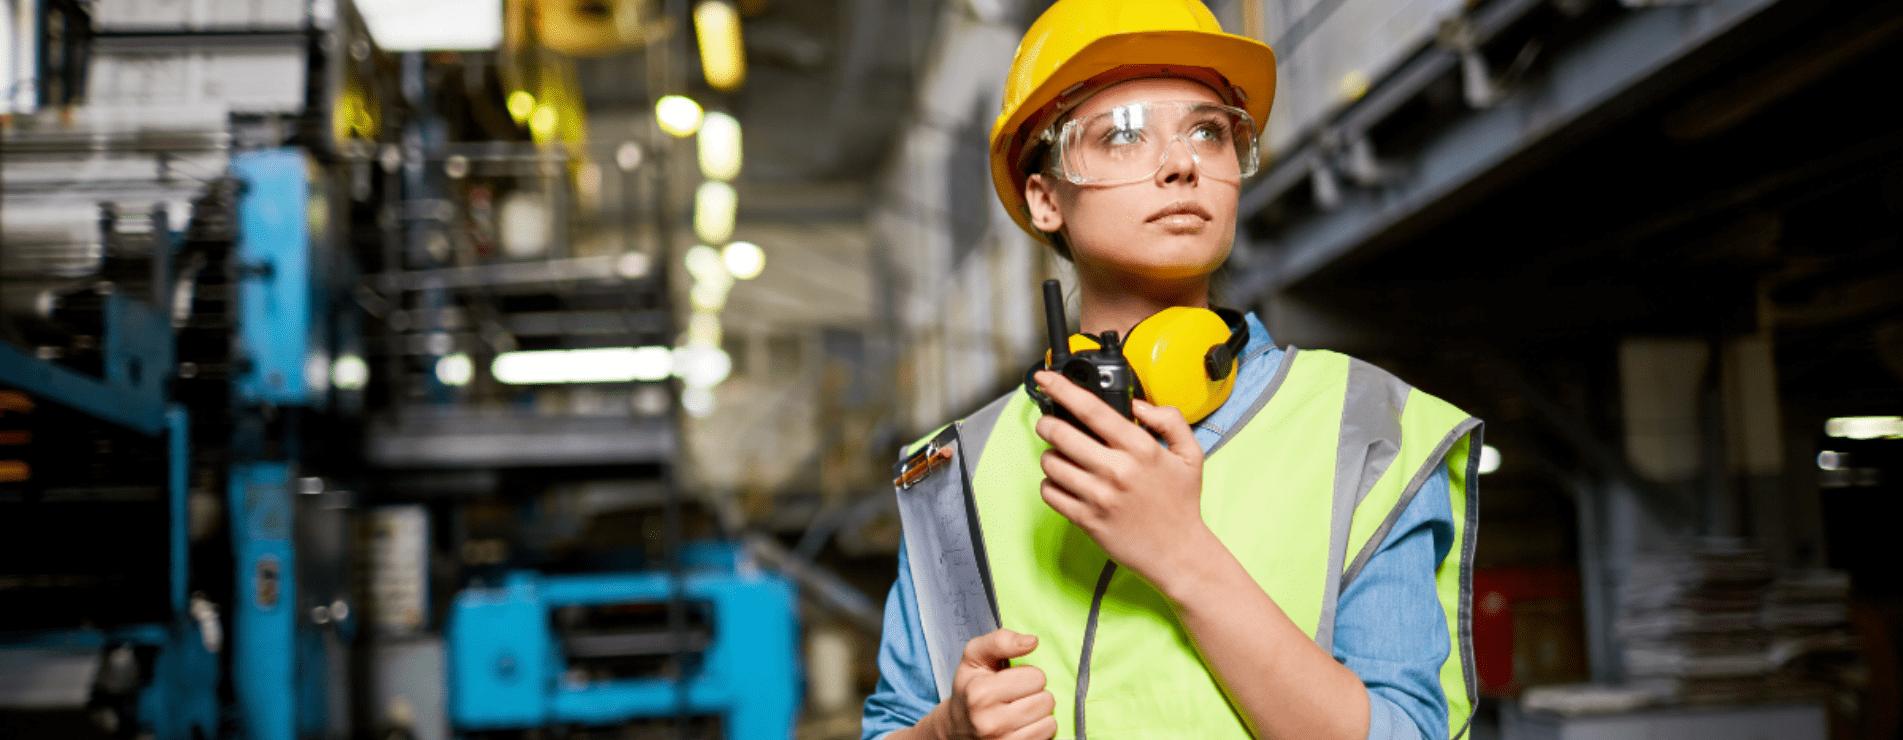 Kalite Mühendisliği ve Yöneticiliği Eğitimi